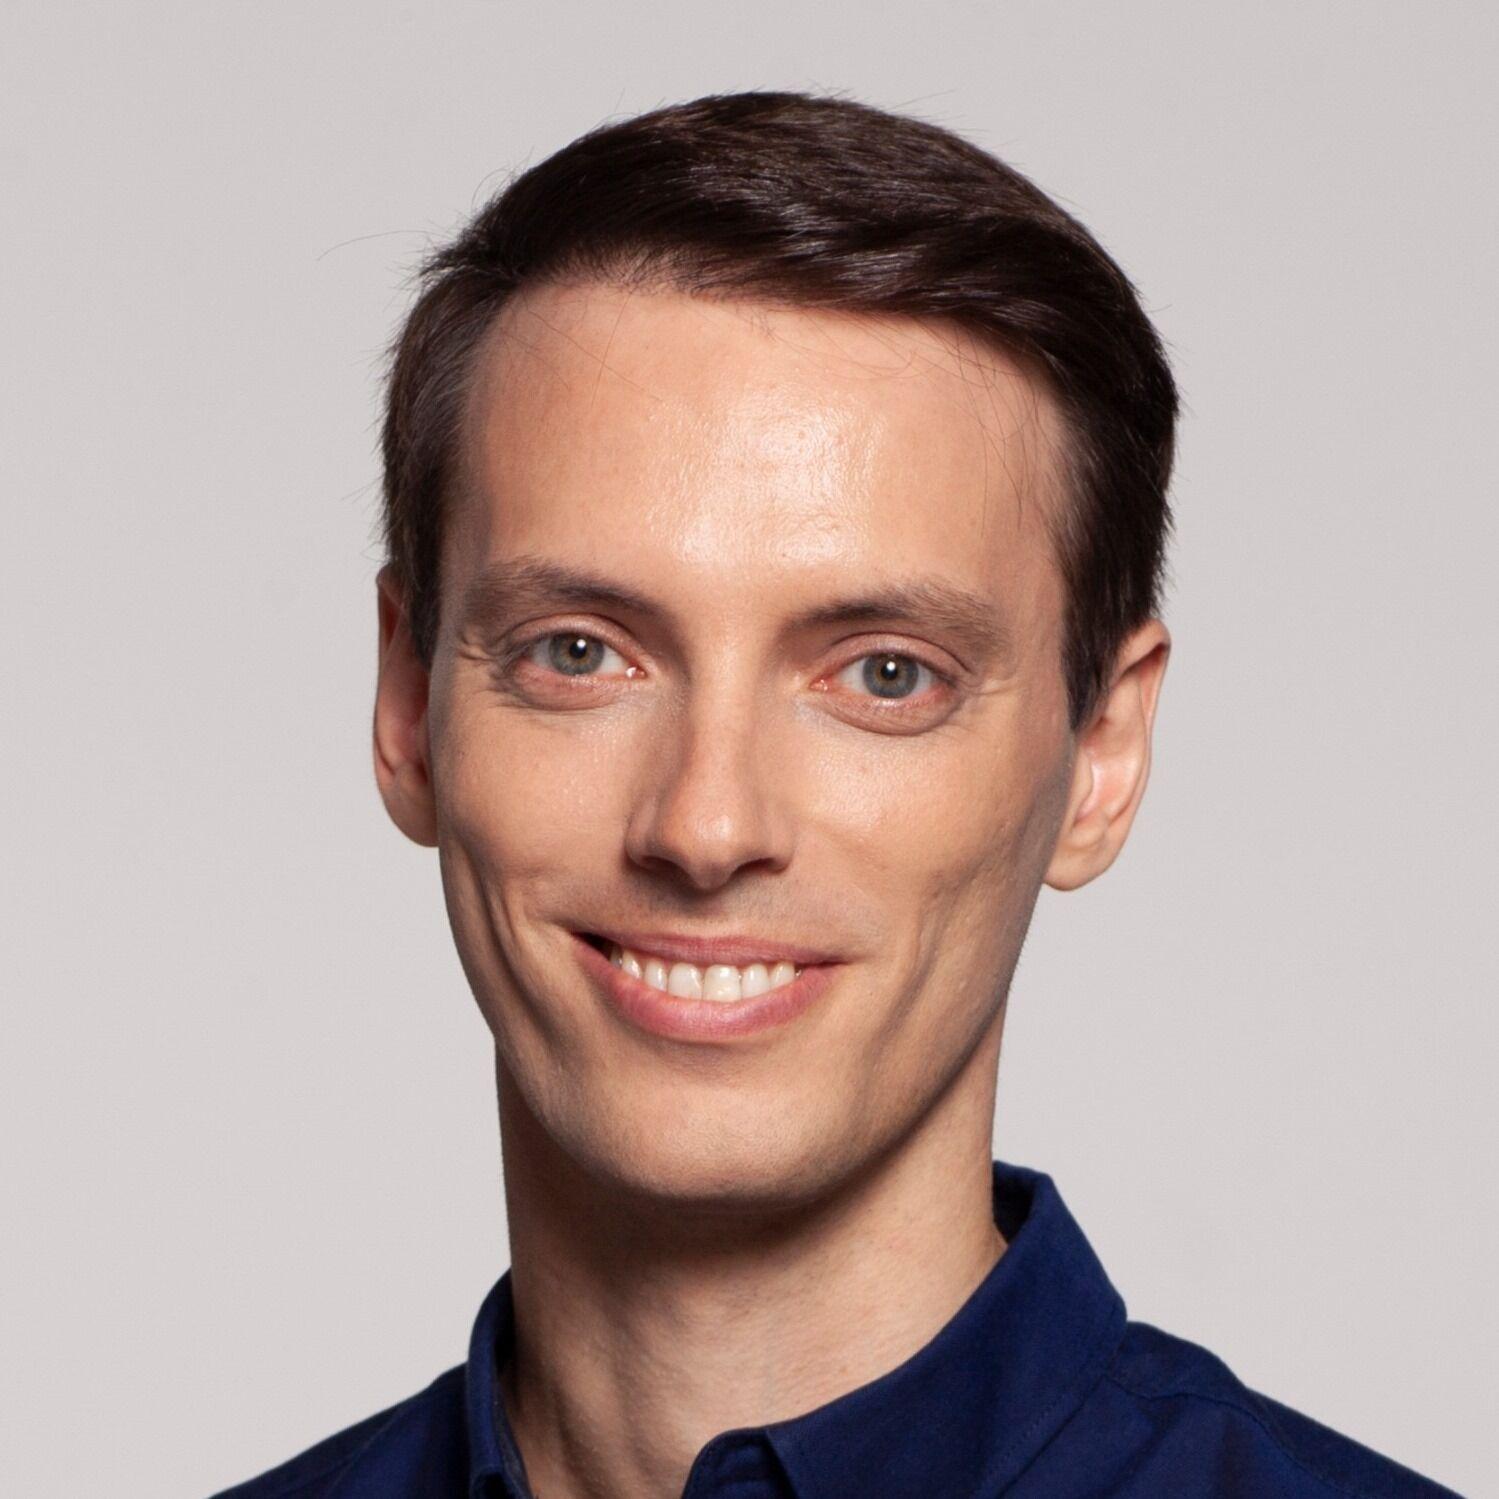 Петро Обухов – підприємець, громадський активіст, програміст